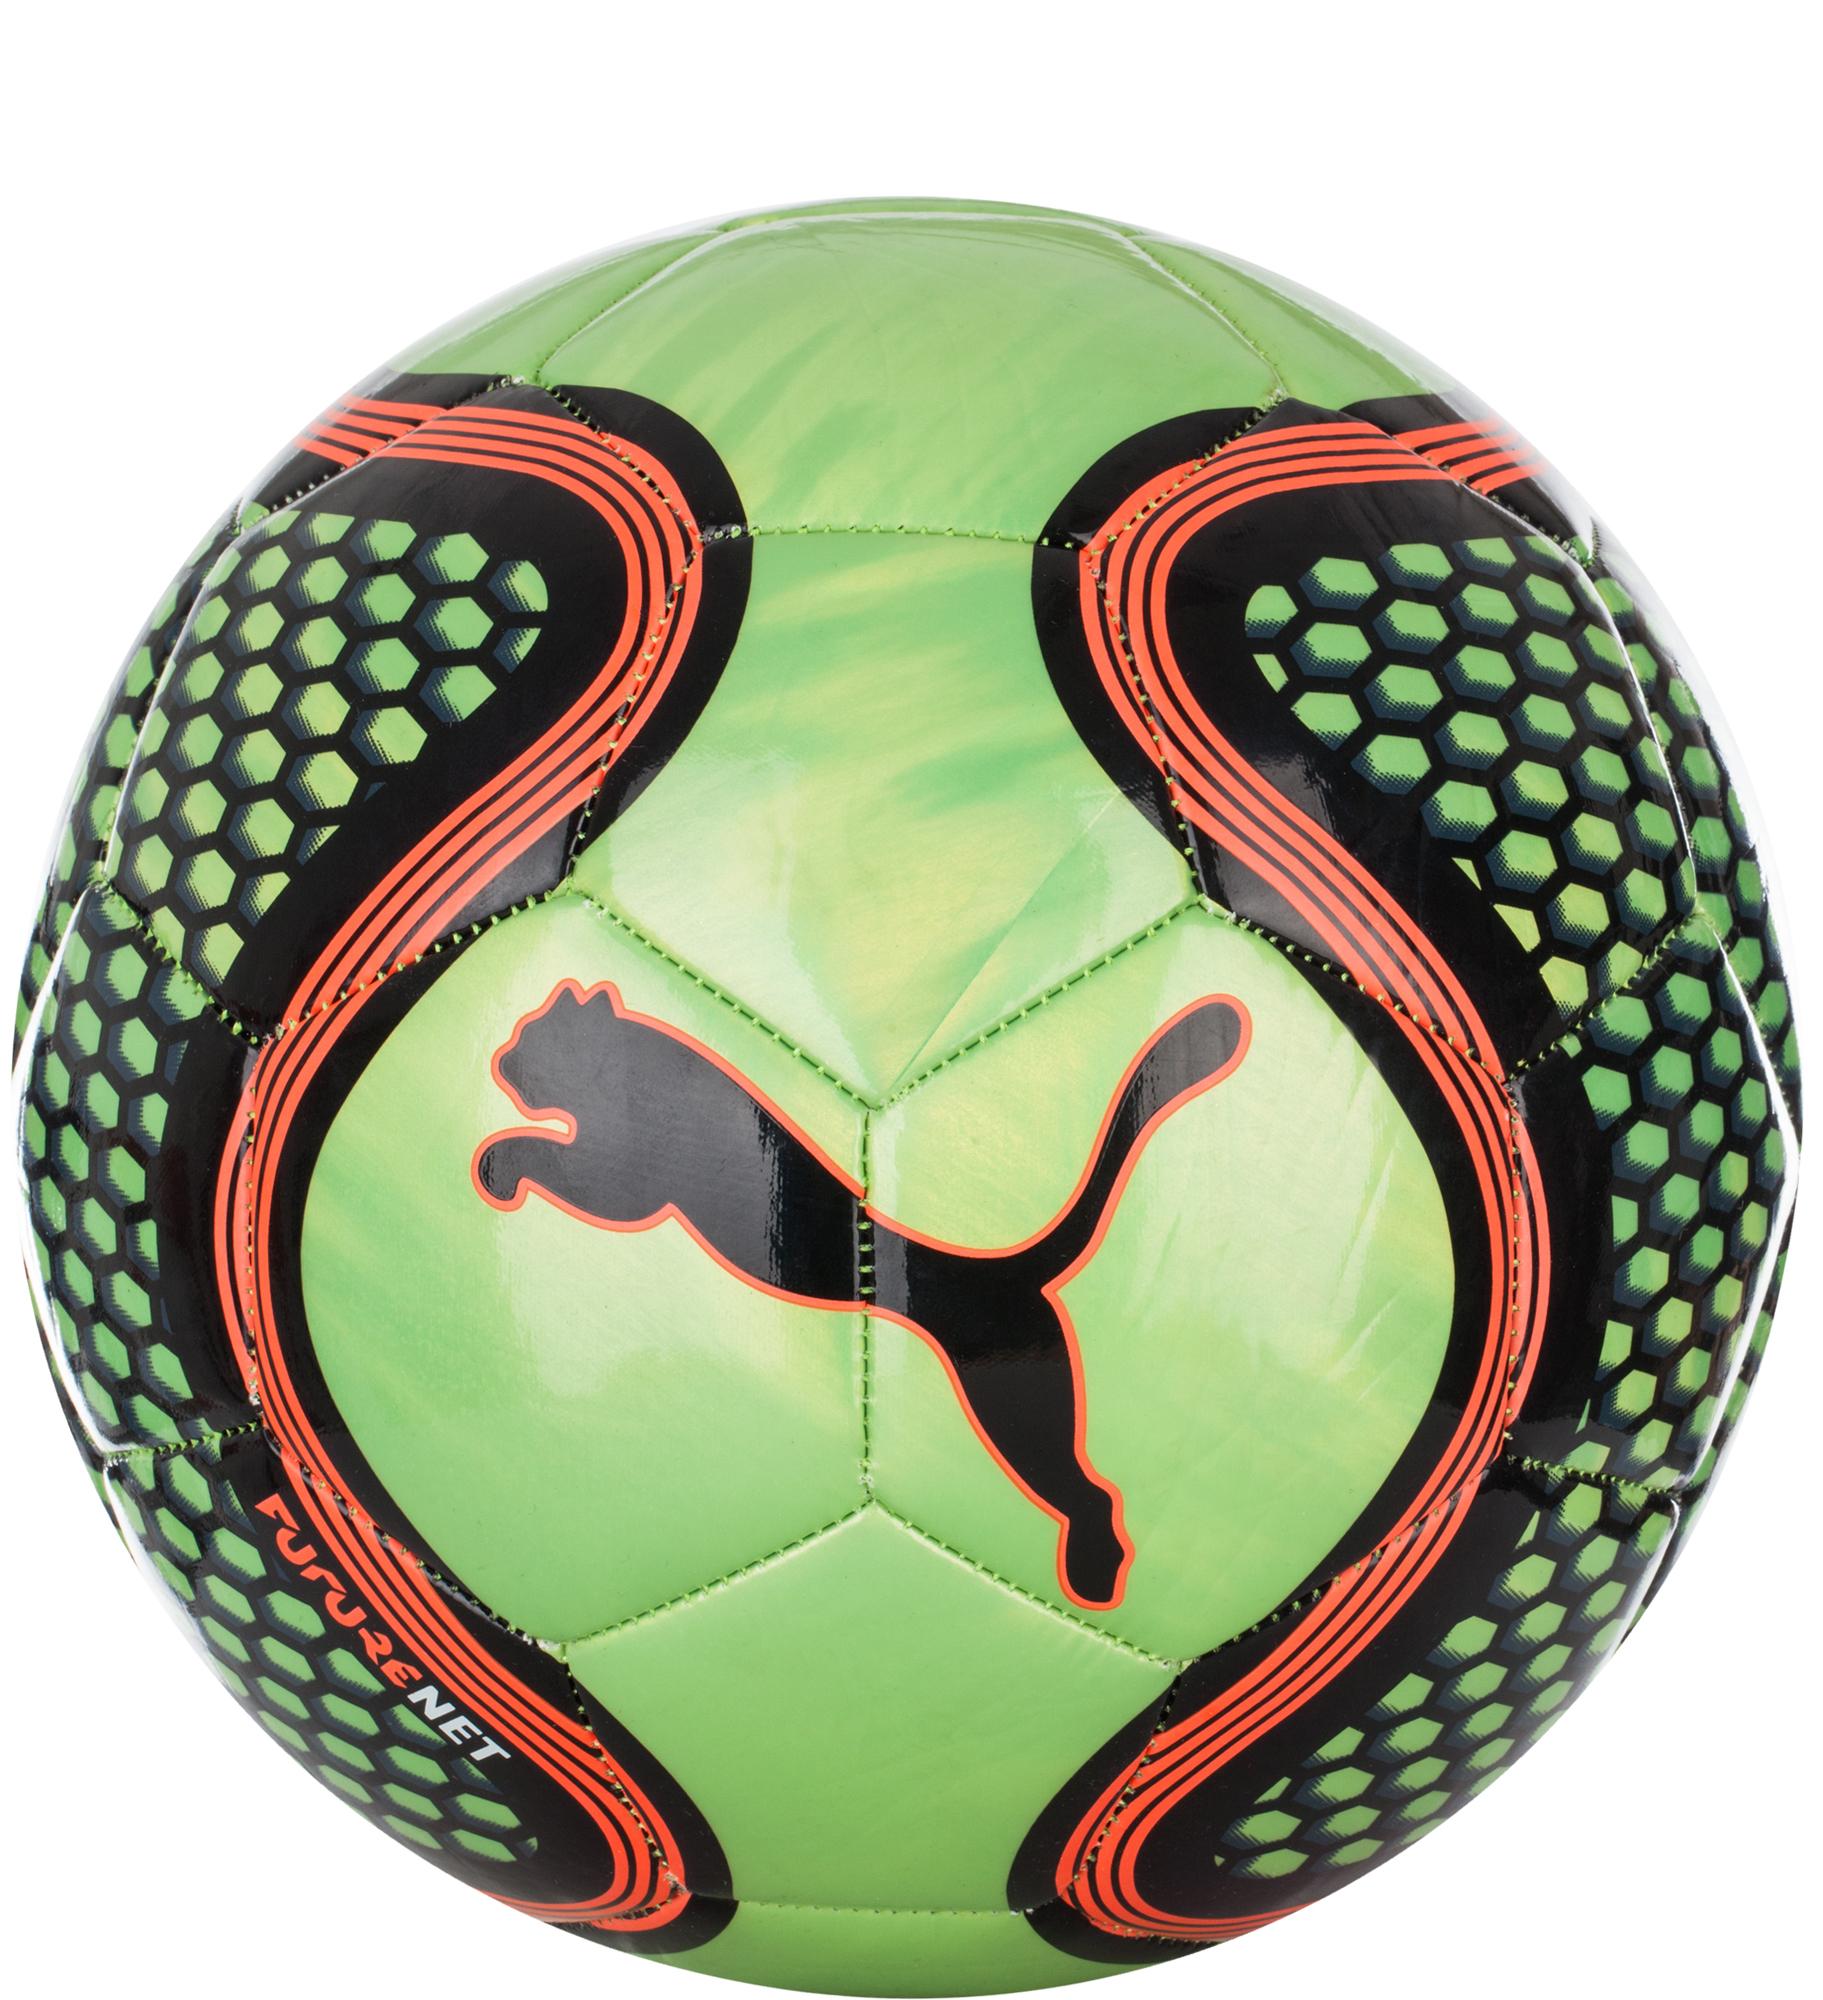 Puma Мяч футбольный Puma Future Net цена